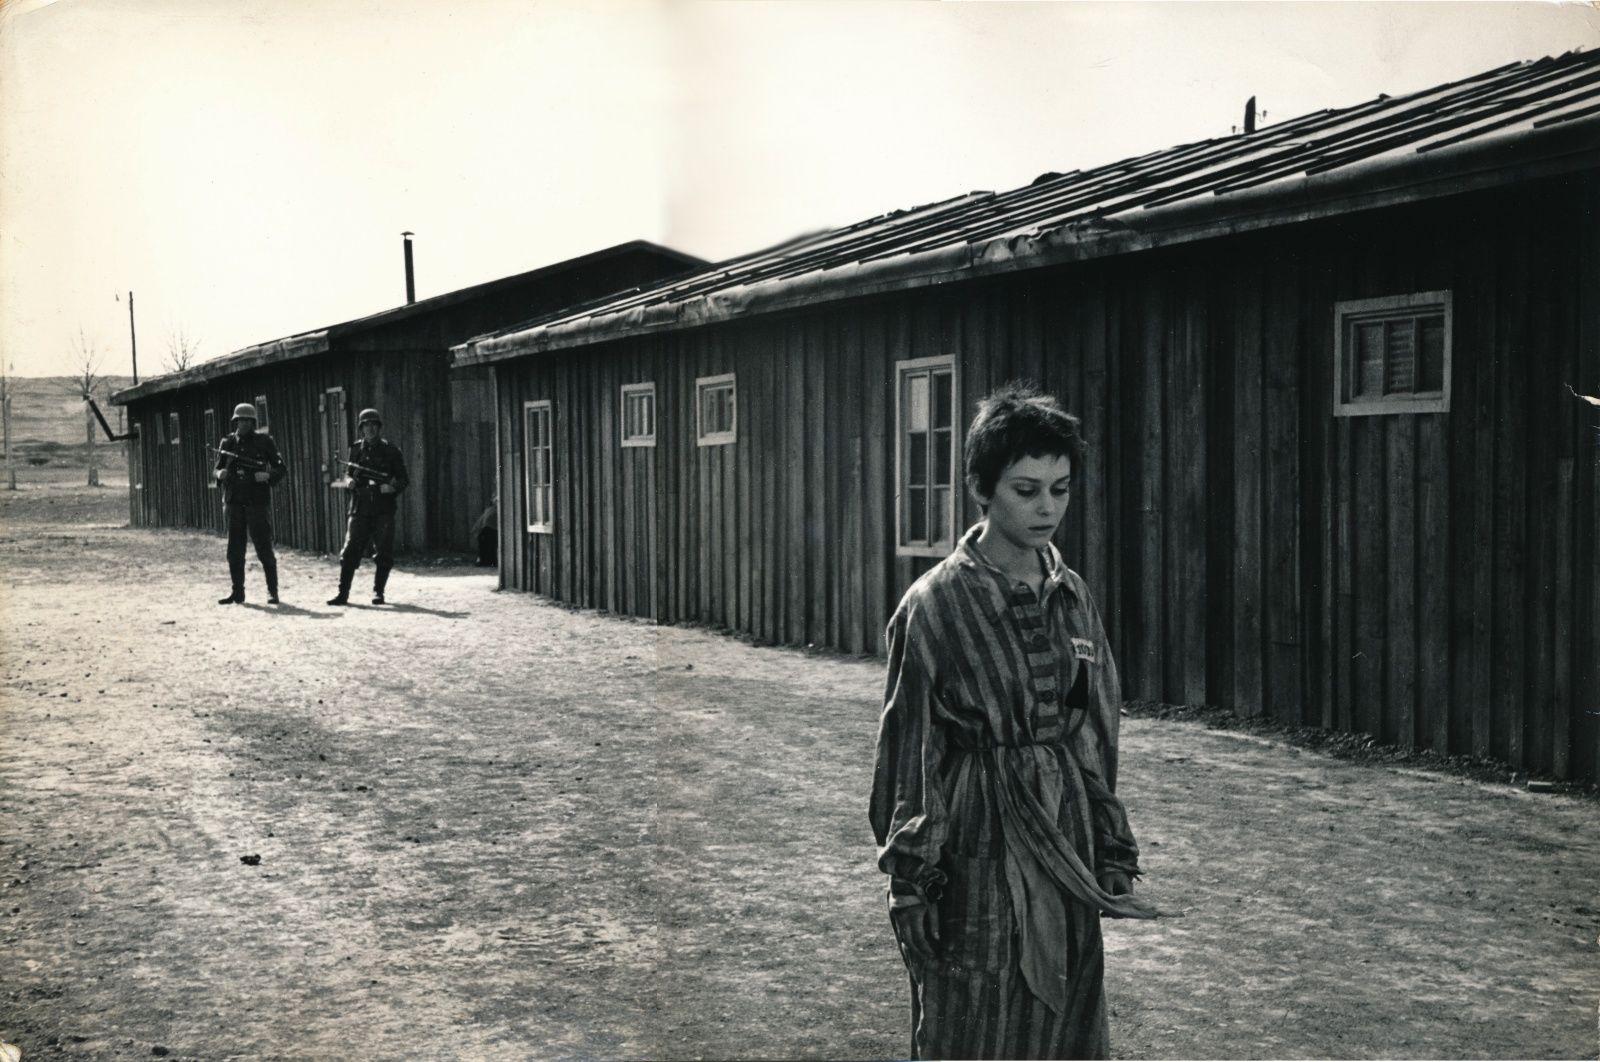 Sheila Kennedy,Zsa Zsa Padilla (b. 1964) Porn pics Bahar Soomekh,Anne Chevalier